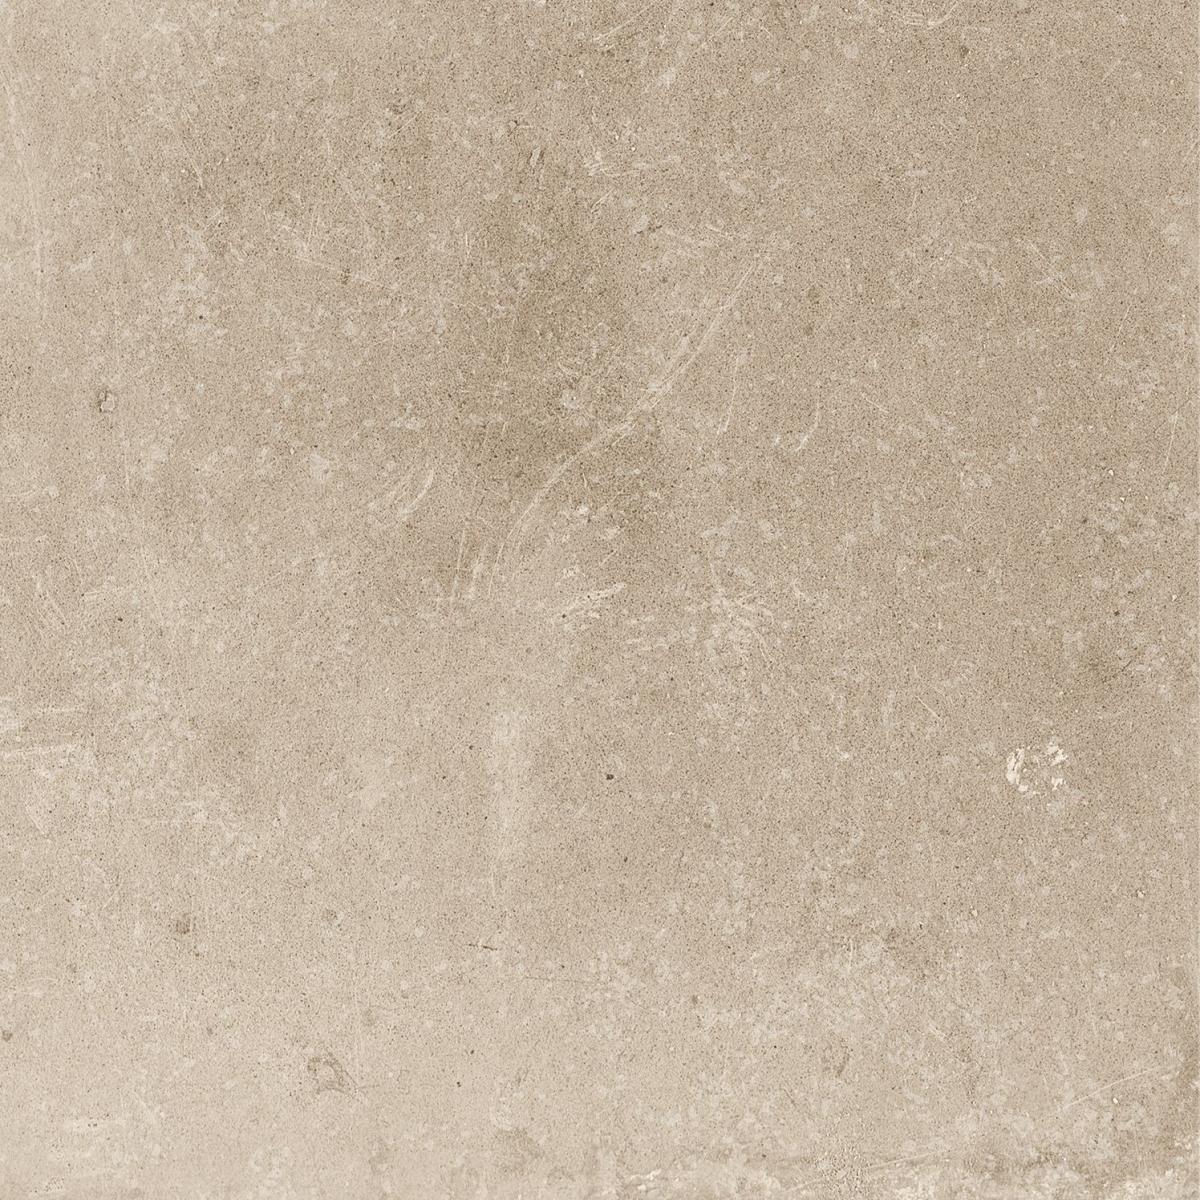 Serie Vinci Keros Cerámica Vinci Blanco 25x25 al mejor precio